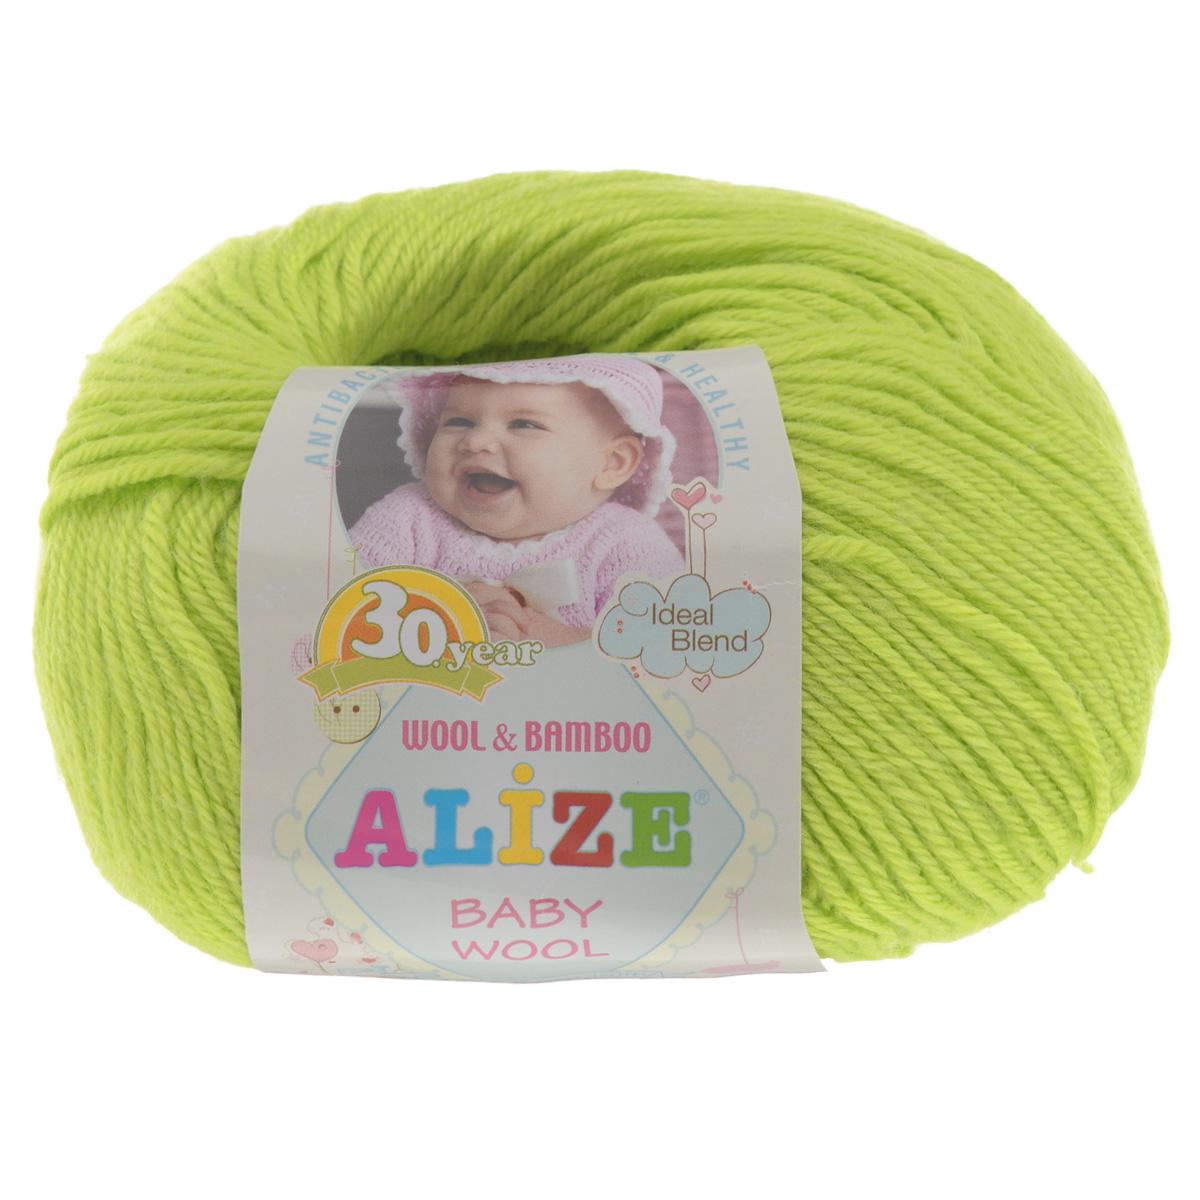 Пряжа для вязания Alize Baby Wool, цвет: ярко-зеленый (612), 175 м, 50 г, 10 шт686501_612Детская пряжа для вязания Baby Wool изготовлена из очень мягкой и высококачественной натуральной шерсти и бамбука. Из пряжи Baby Wool получается тонкий, но очень теплый трикотаж для ребенка. Акрил в составе нитей допускает легкую машинную стирку вещей. Цветовая палитра включает в себя цветовые комбинации, которые подходят как для мальчиков, так и для девочек. Комплектация: 10 мотков. Состав: 40% шерсть, 40% акрил, 20% бамбук.